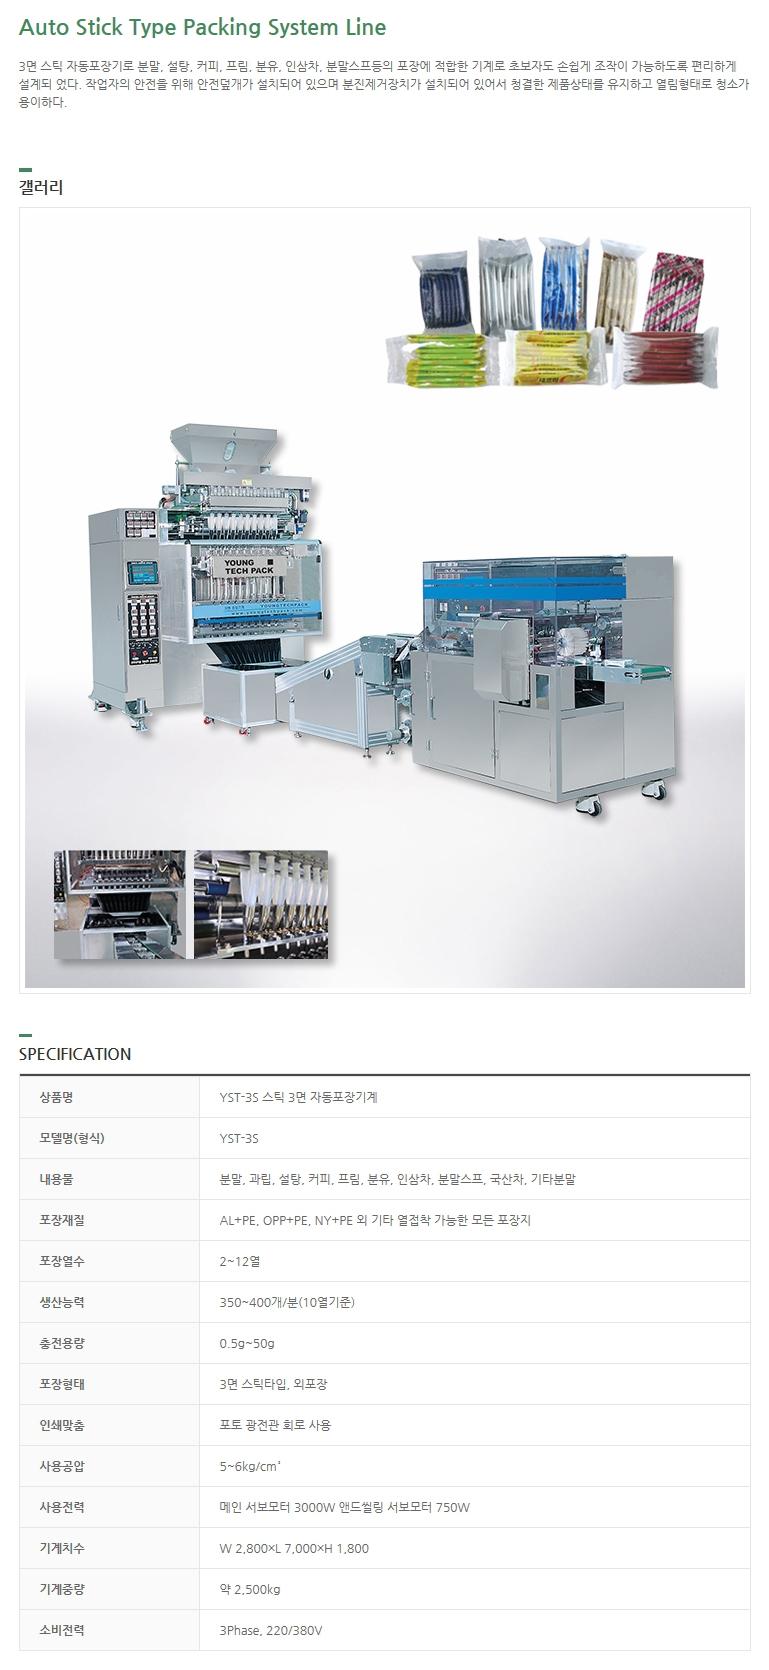 (주)영테크팩 스틱 3면 자동공급 시스템라인 YST-3S 1